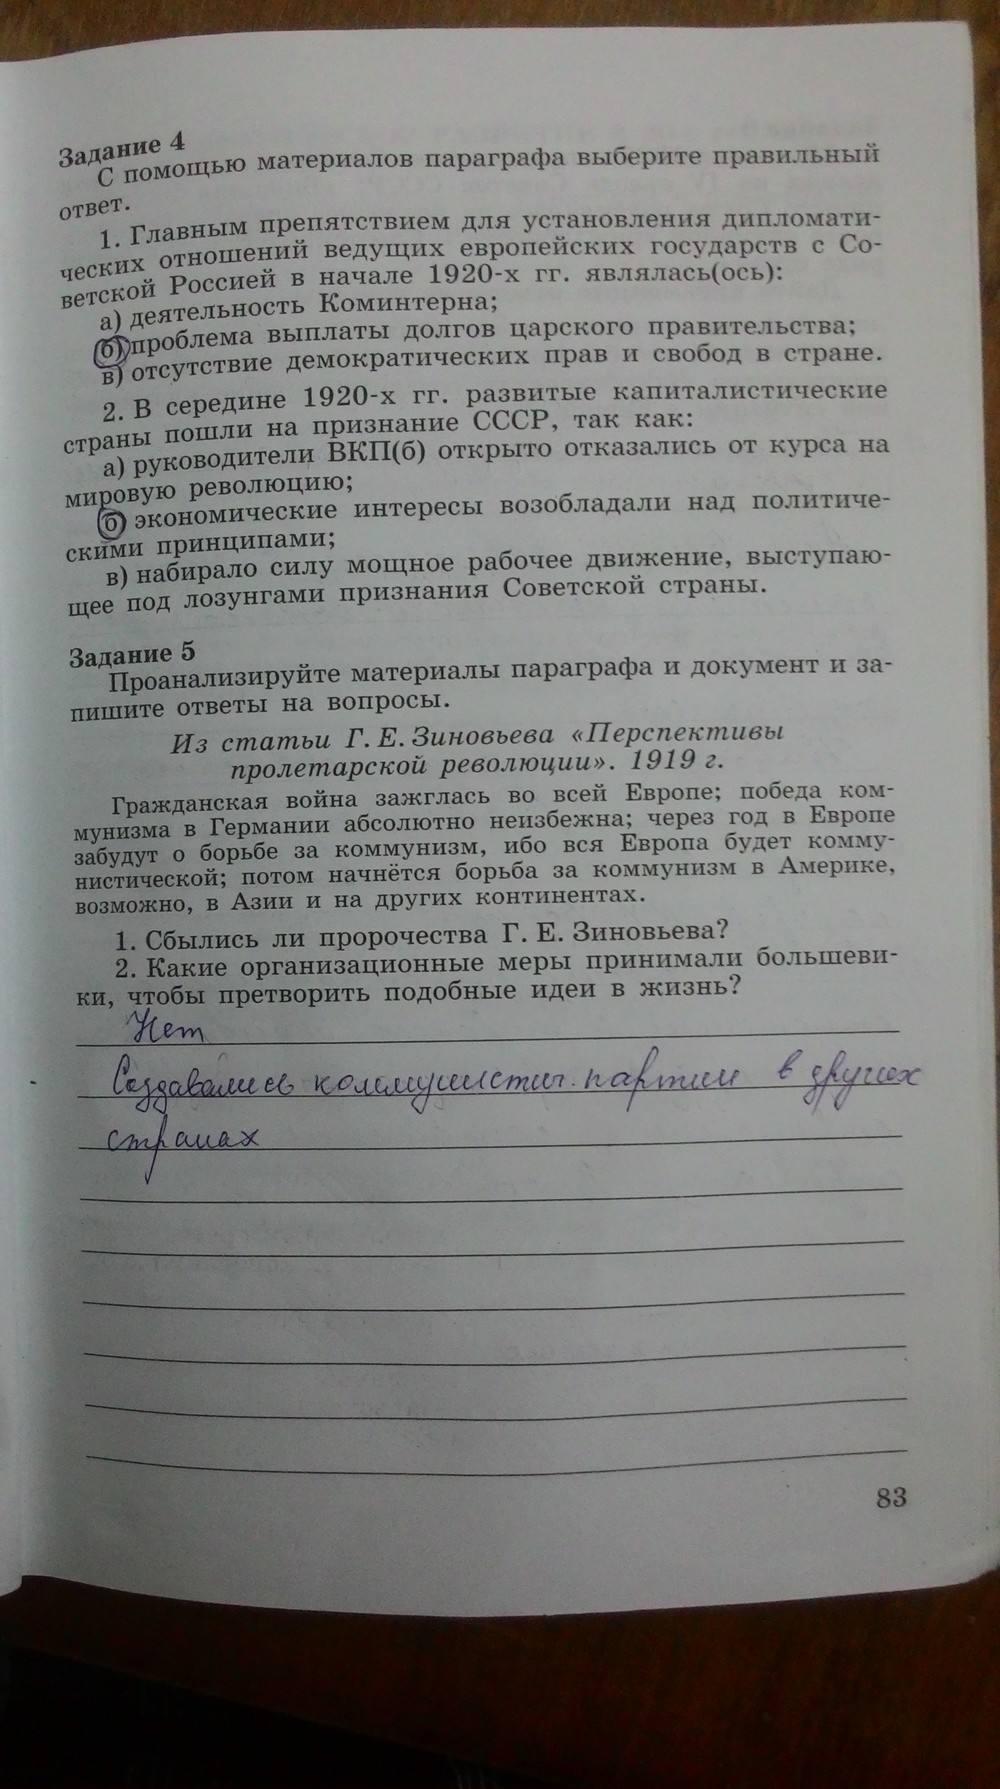 гдз рабочая тетрадь история россии 6 класс данилов косулина ответы на